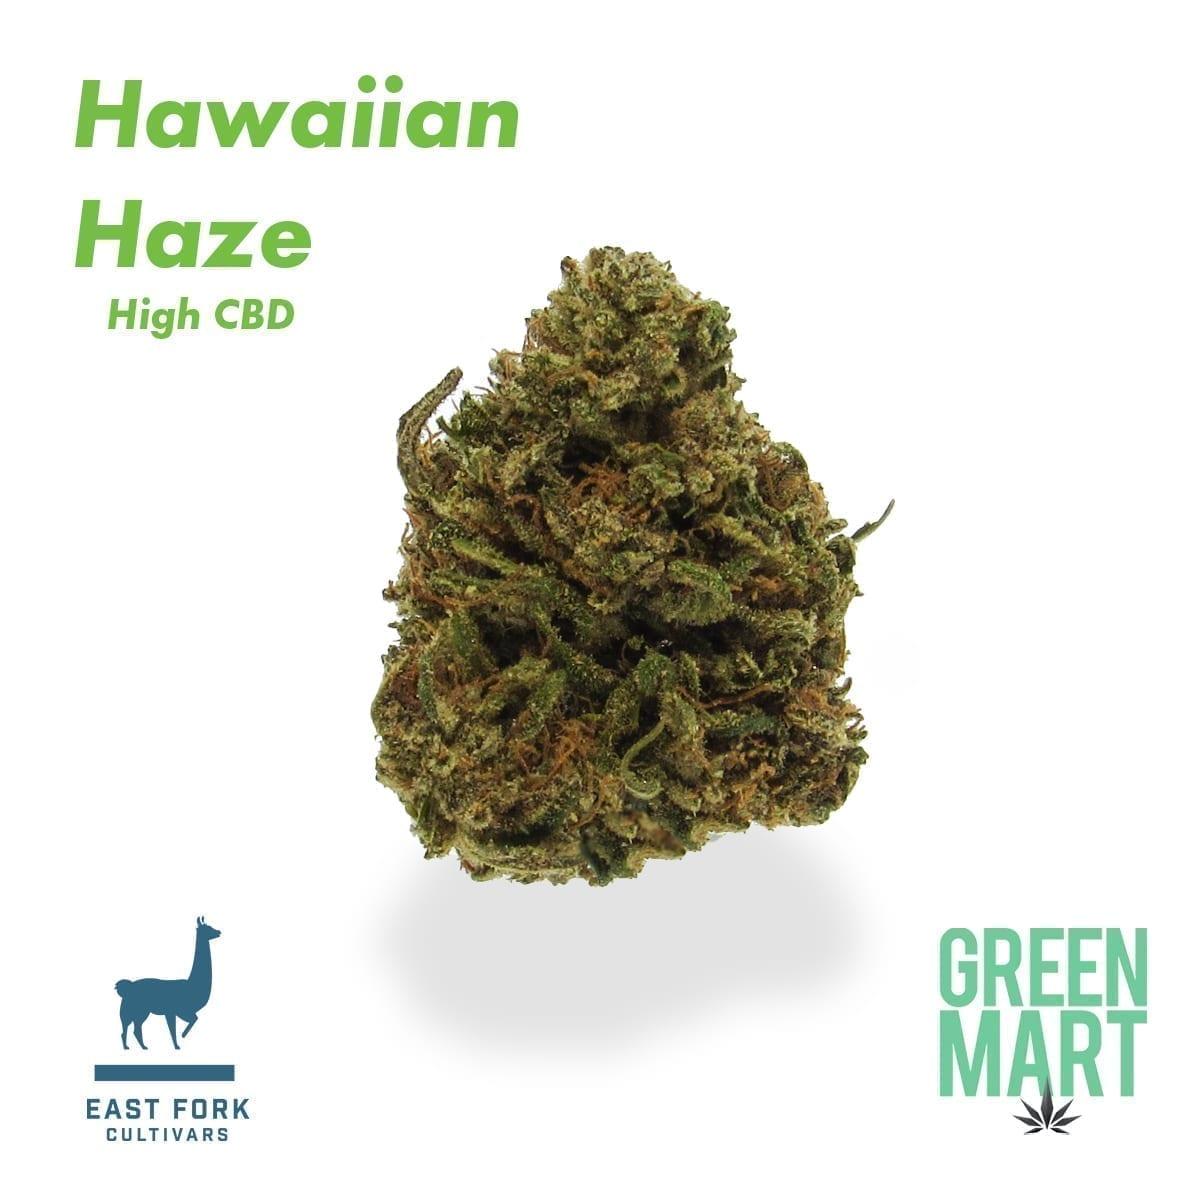 Hawaiian Haze - High CBD